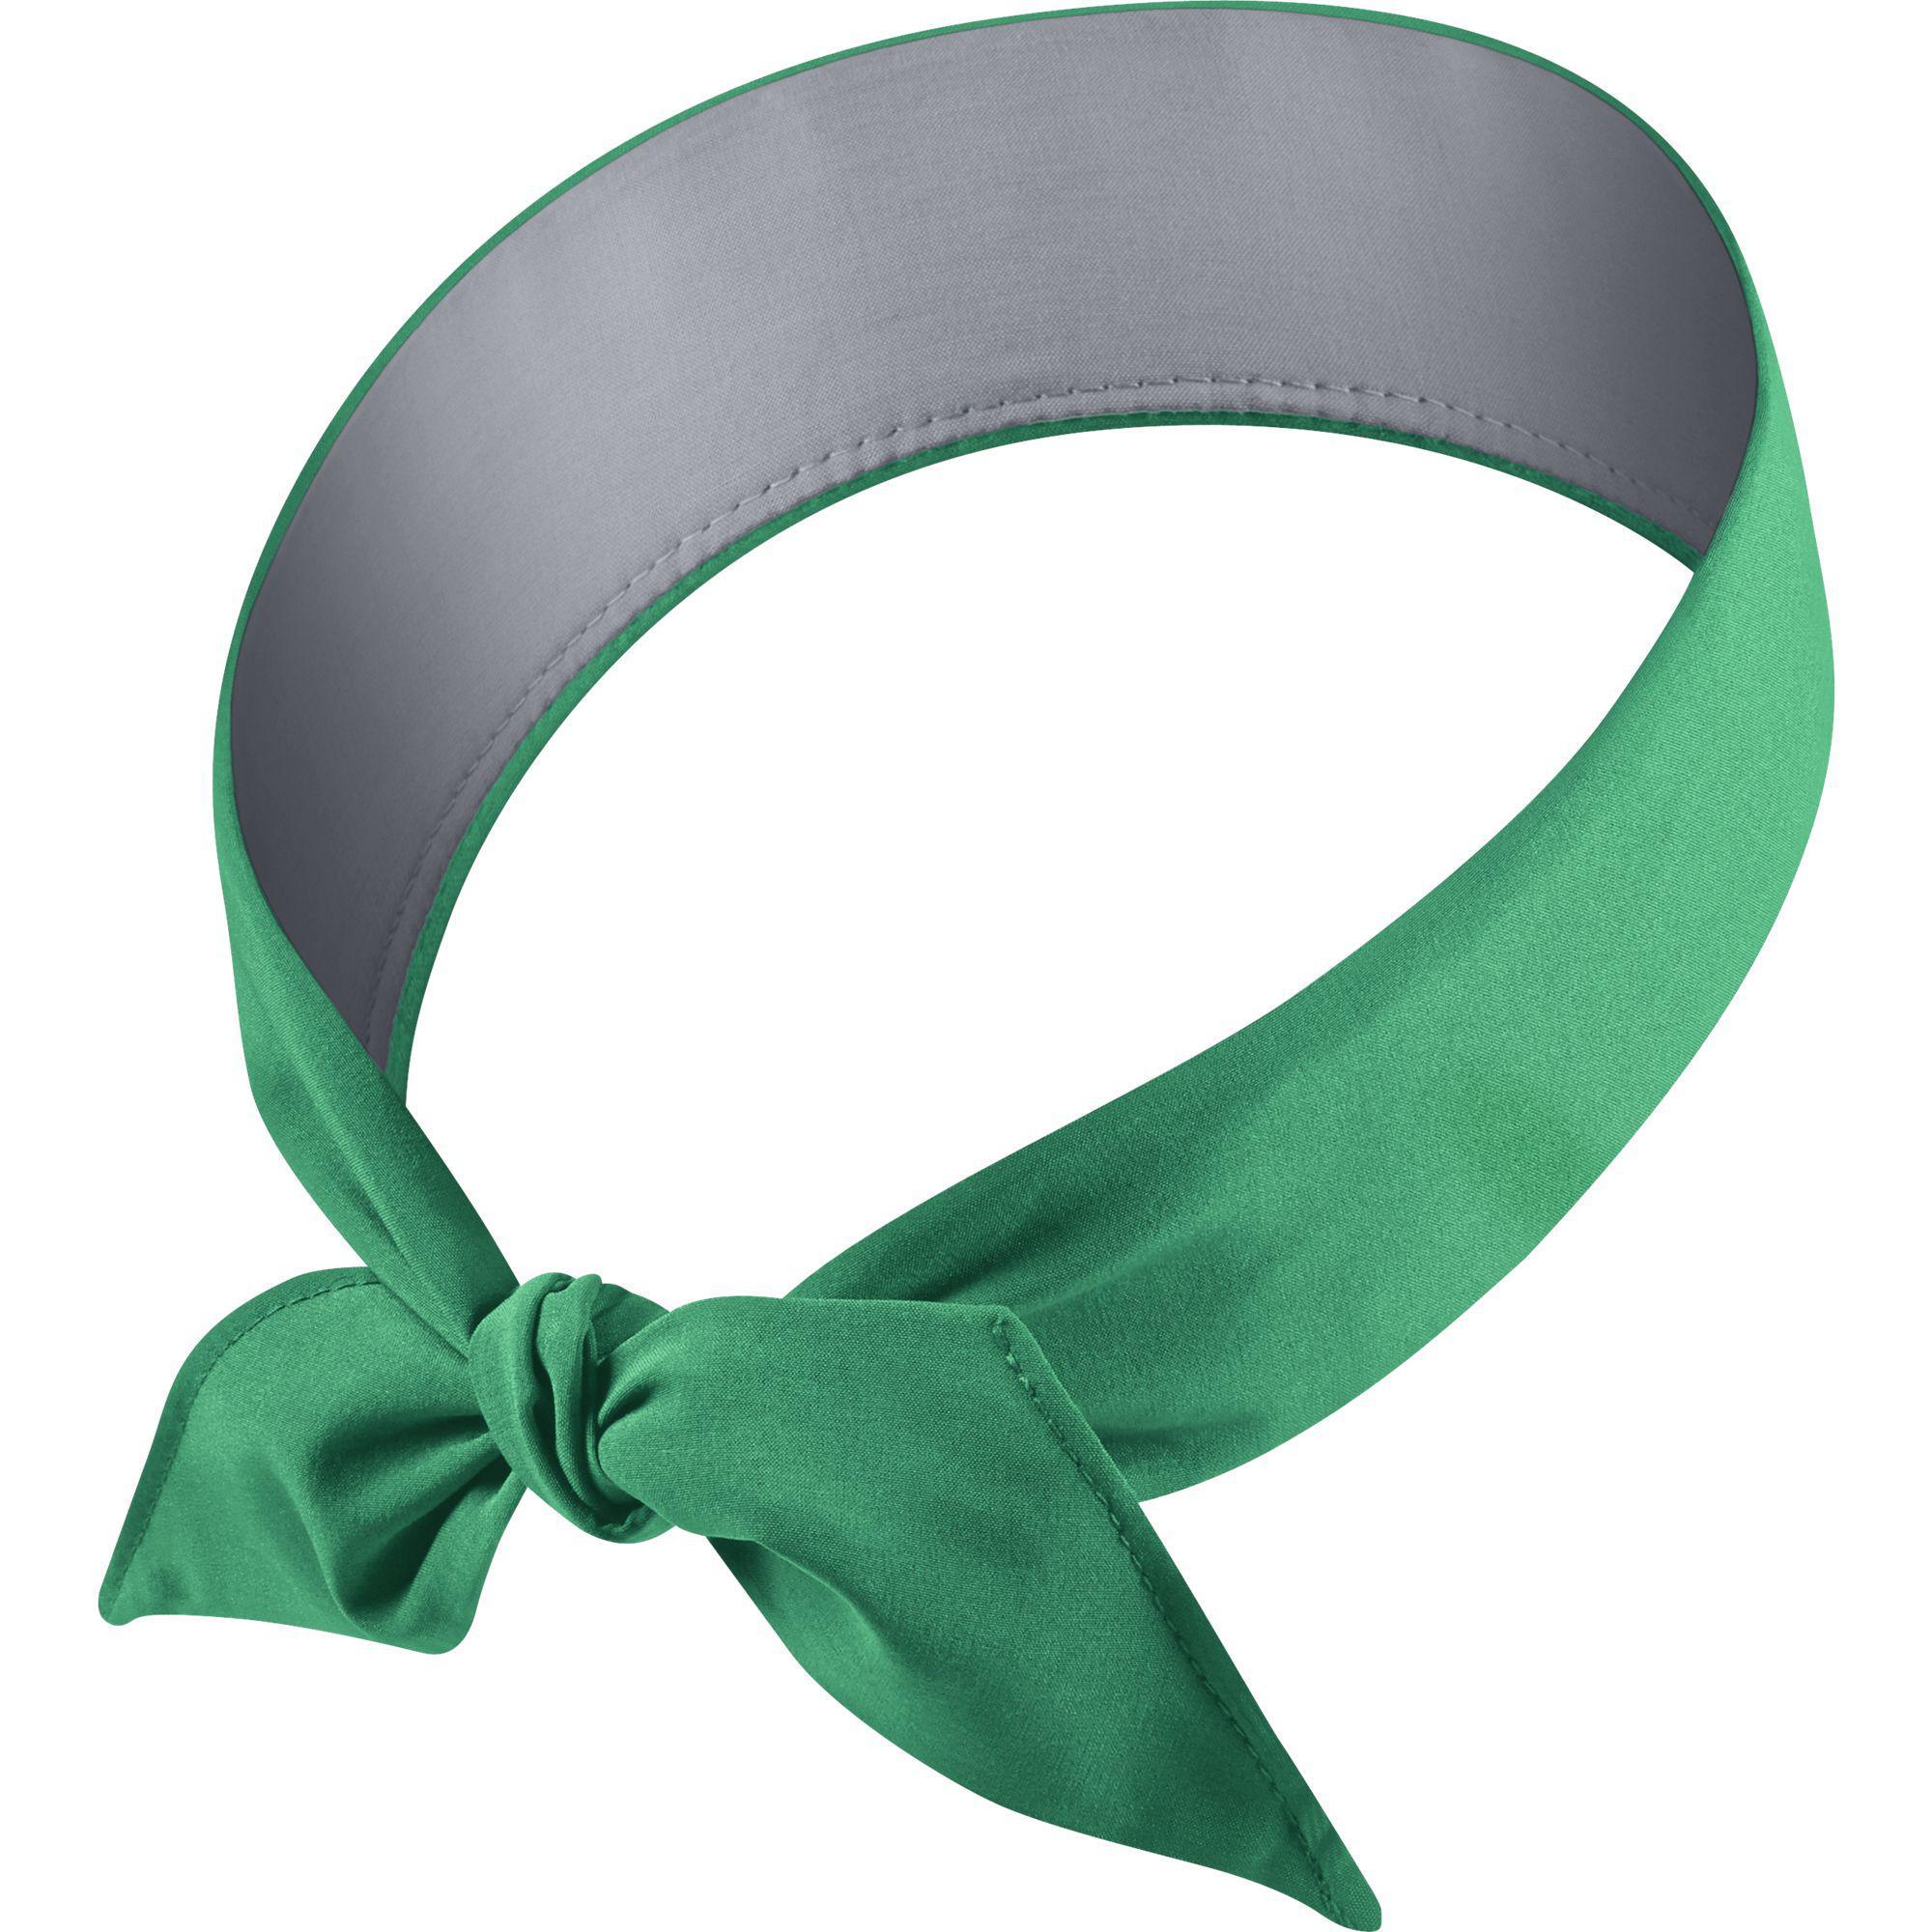 Nike Tennis Headband   Bandana - Spring Leaf Green - Tennisnuts.com c1ad36732a0